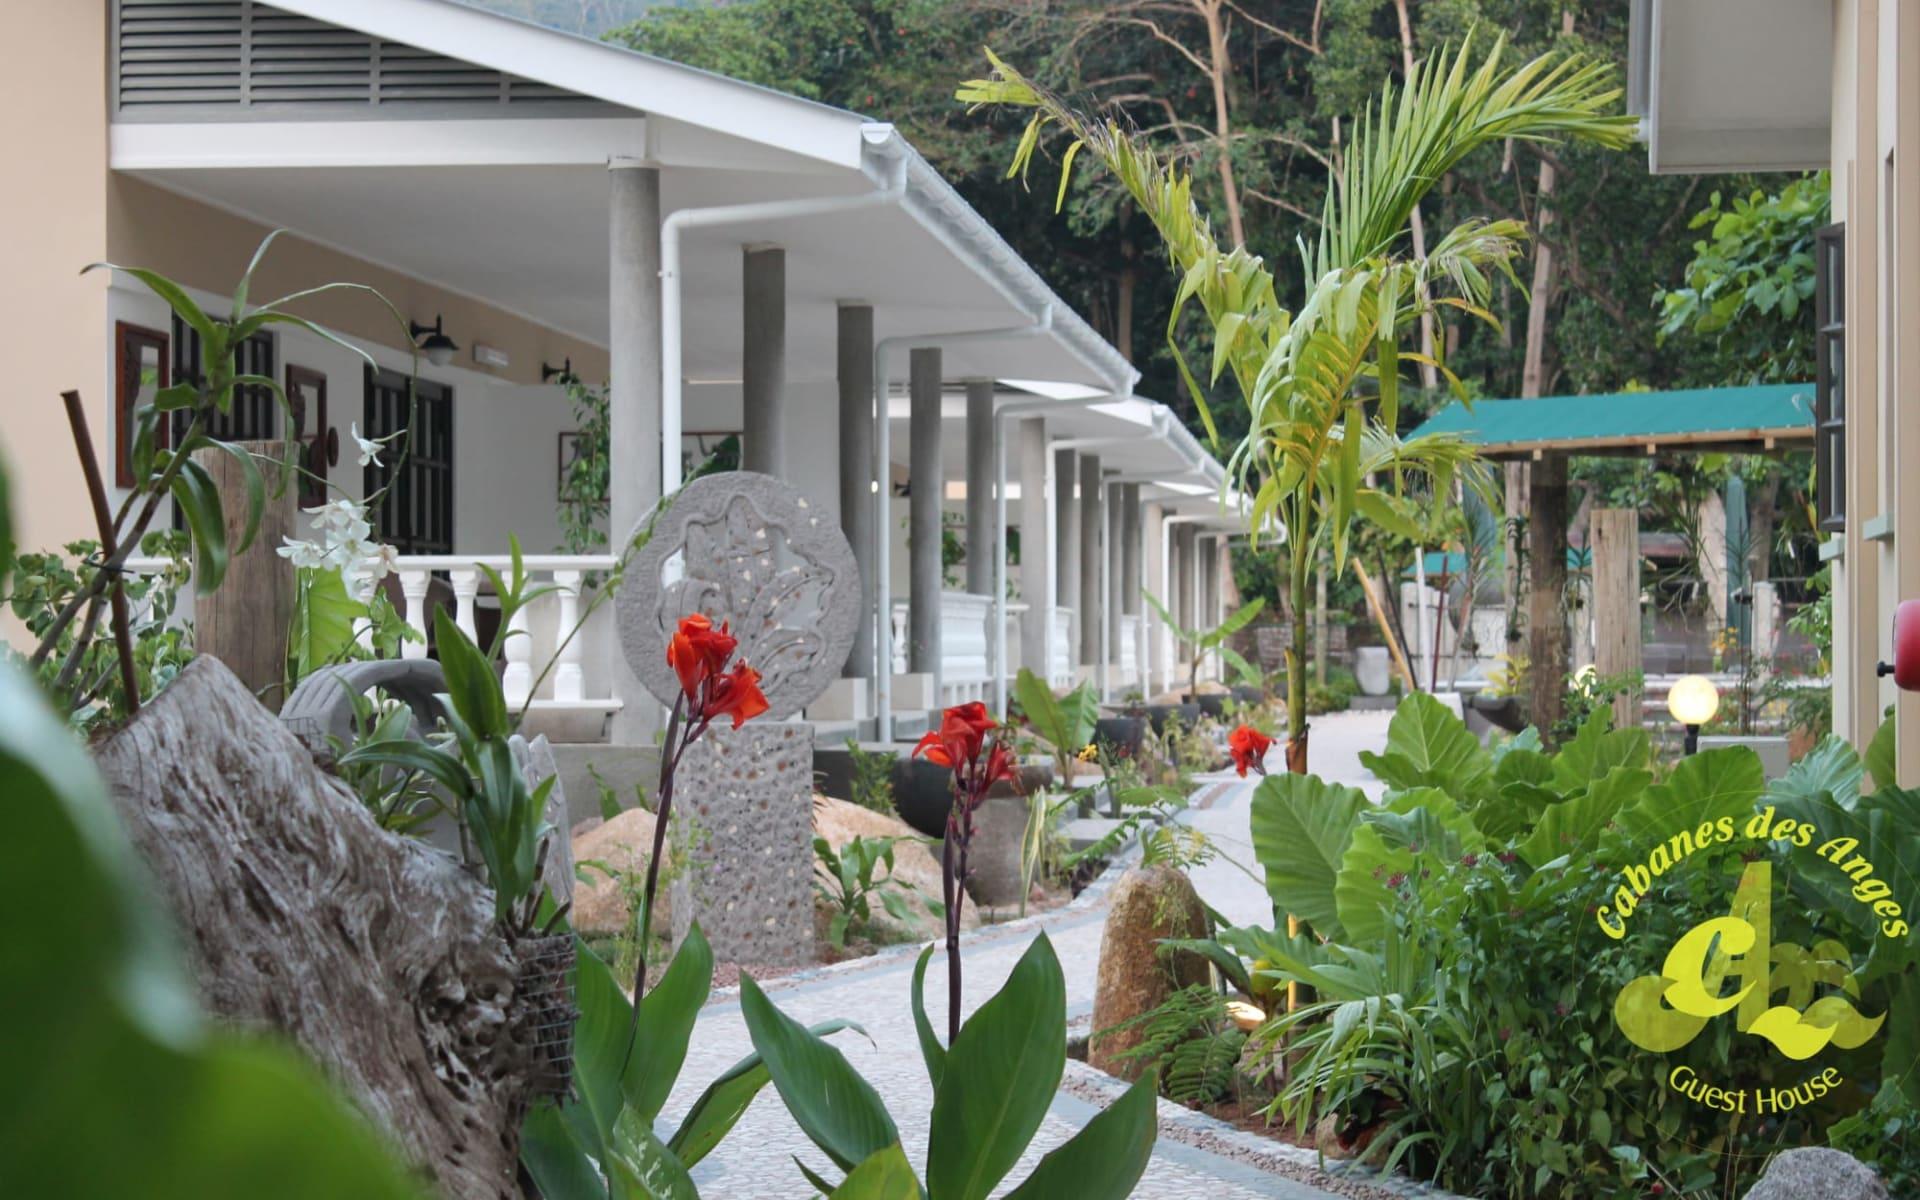 Cabanes des Anges in La Digue: